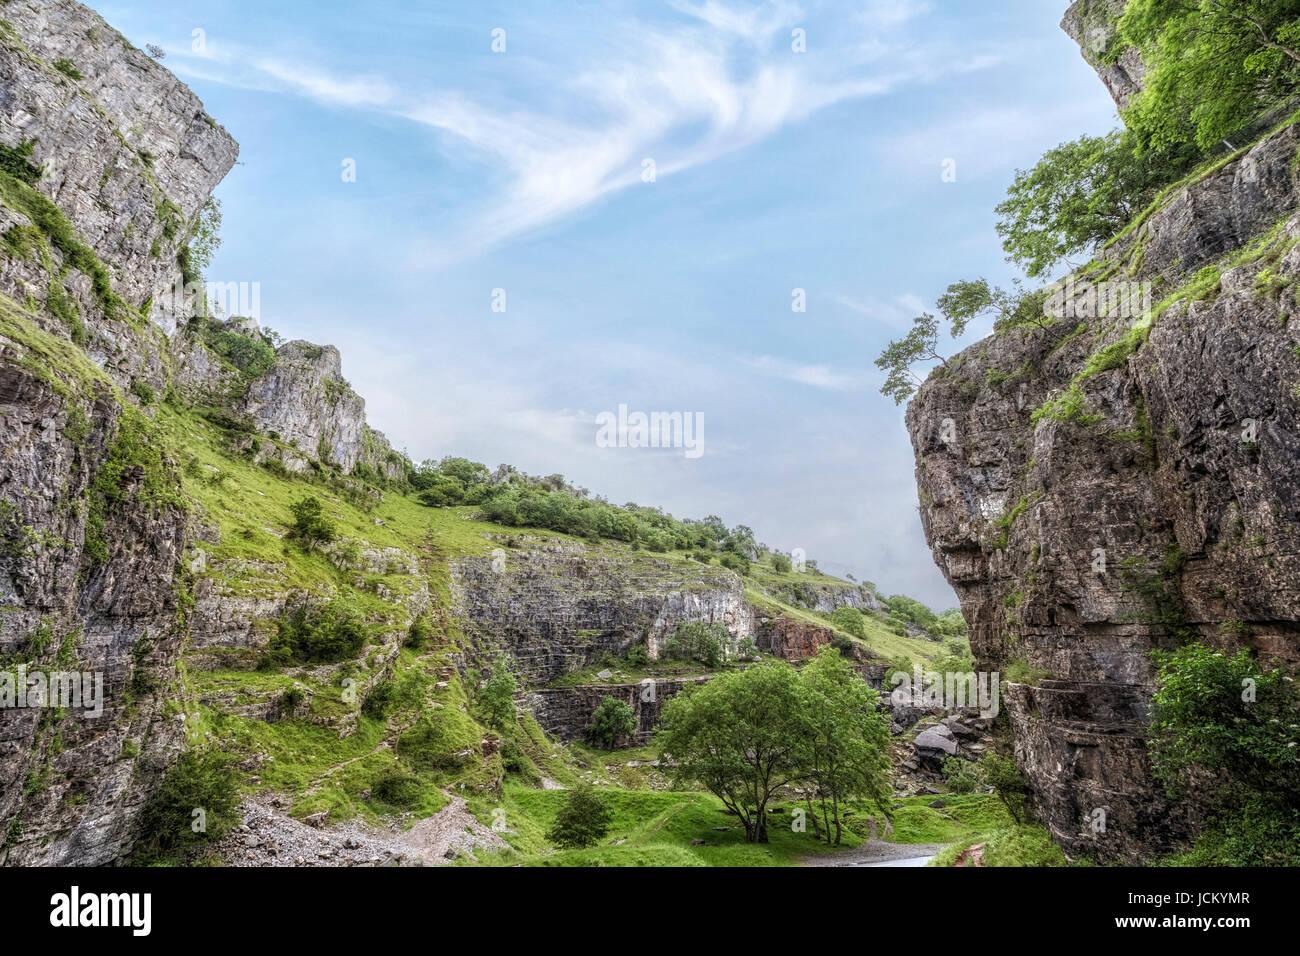 Cheddar Gorge, Mendip Hills, Somerset, England, UK - Stock Image